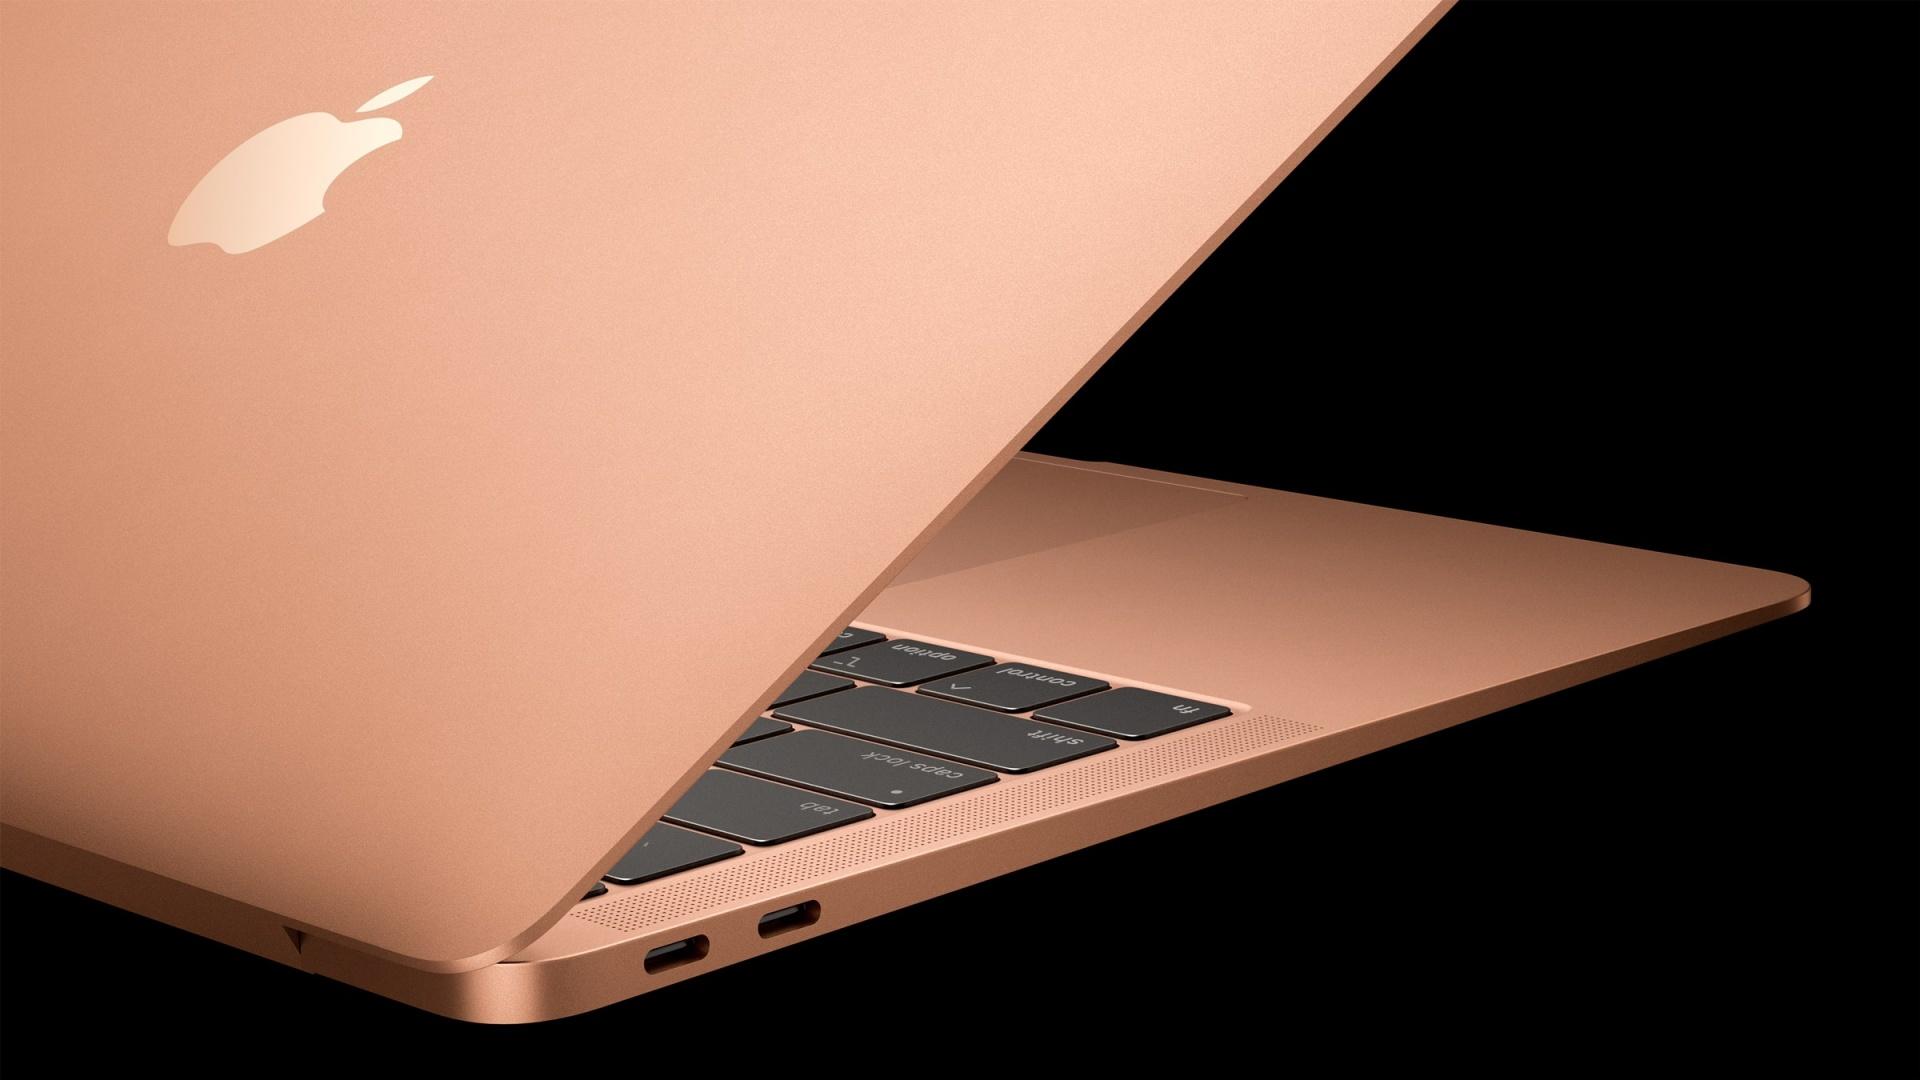 У ноутбуков MacBook Air обнаружились проблемы